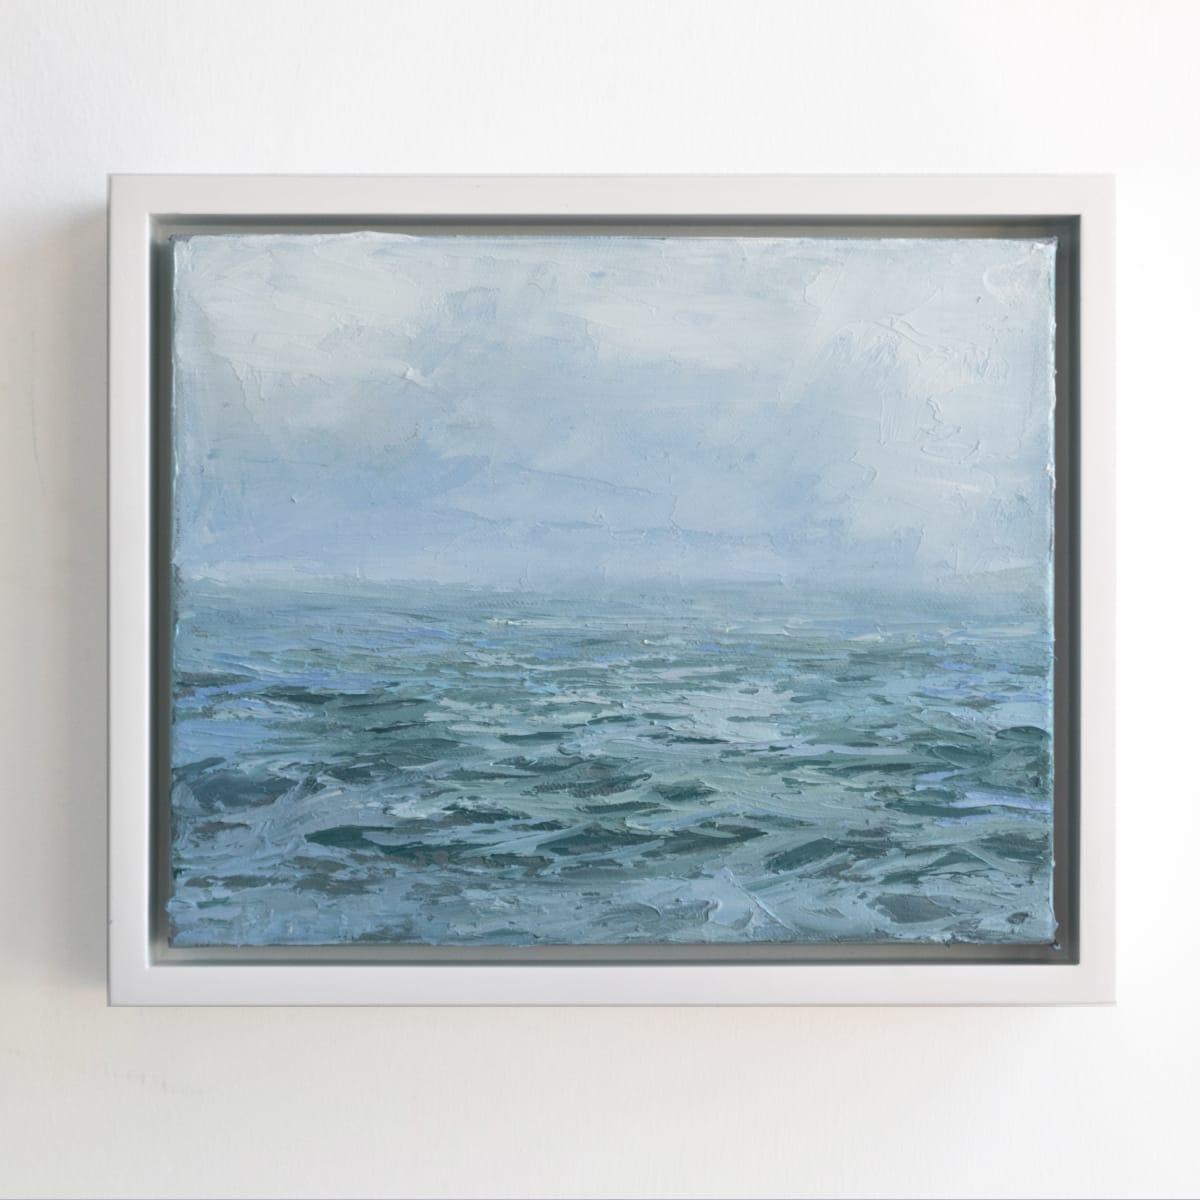 Fog on the horizon by Annie Wildey